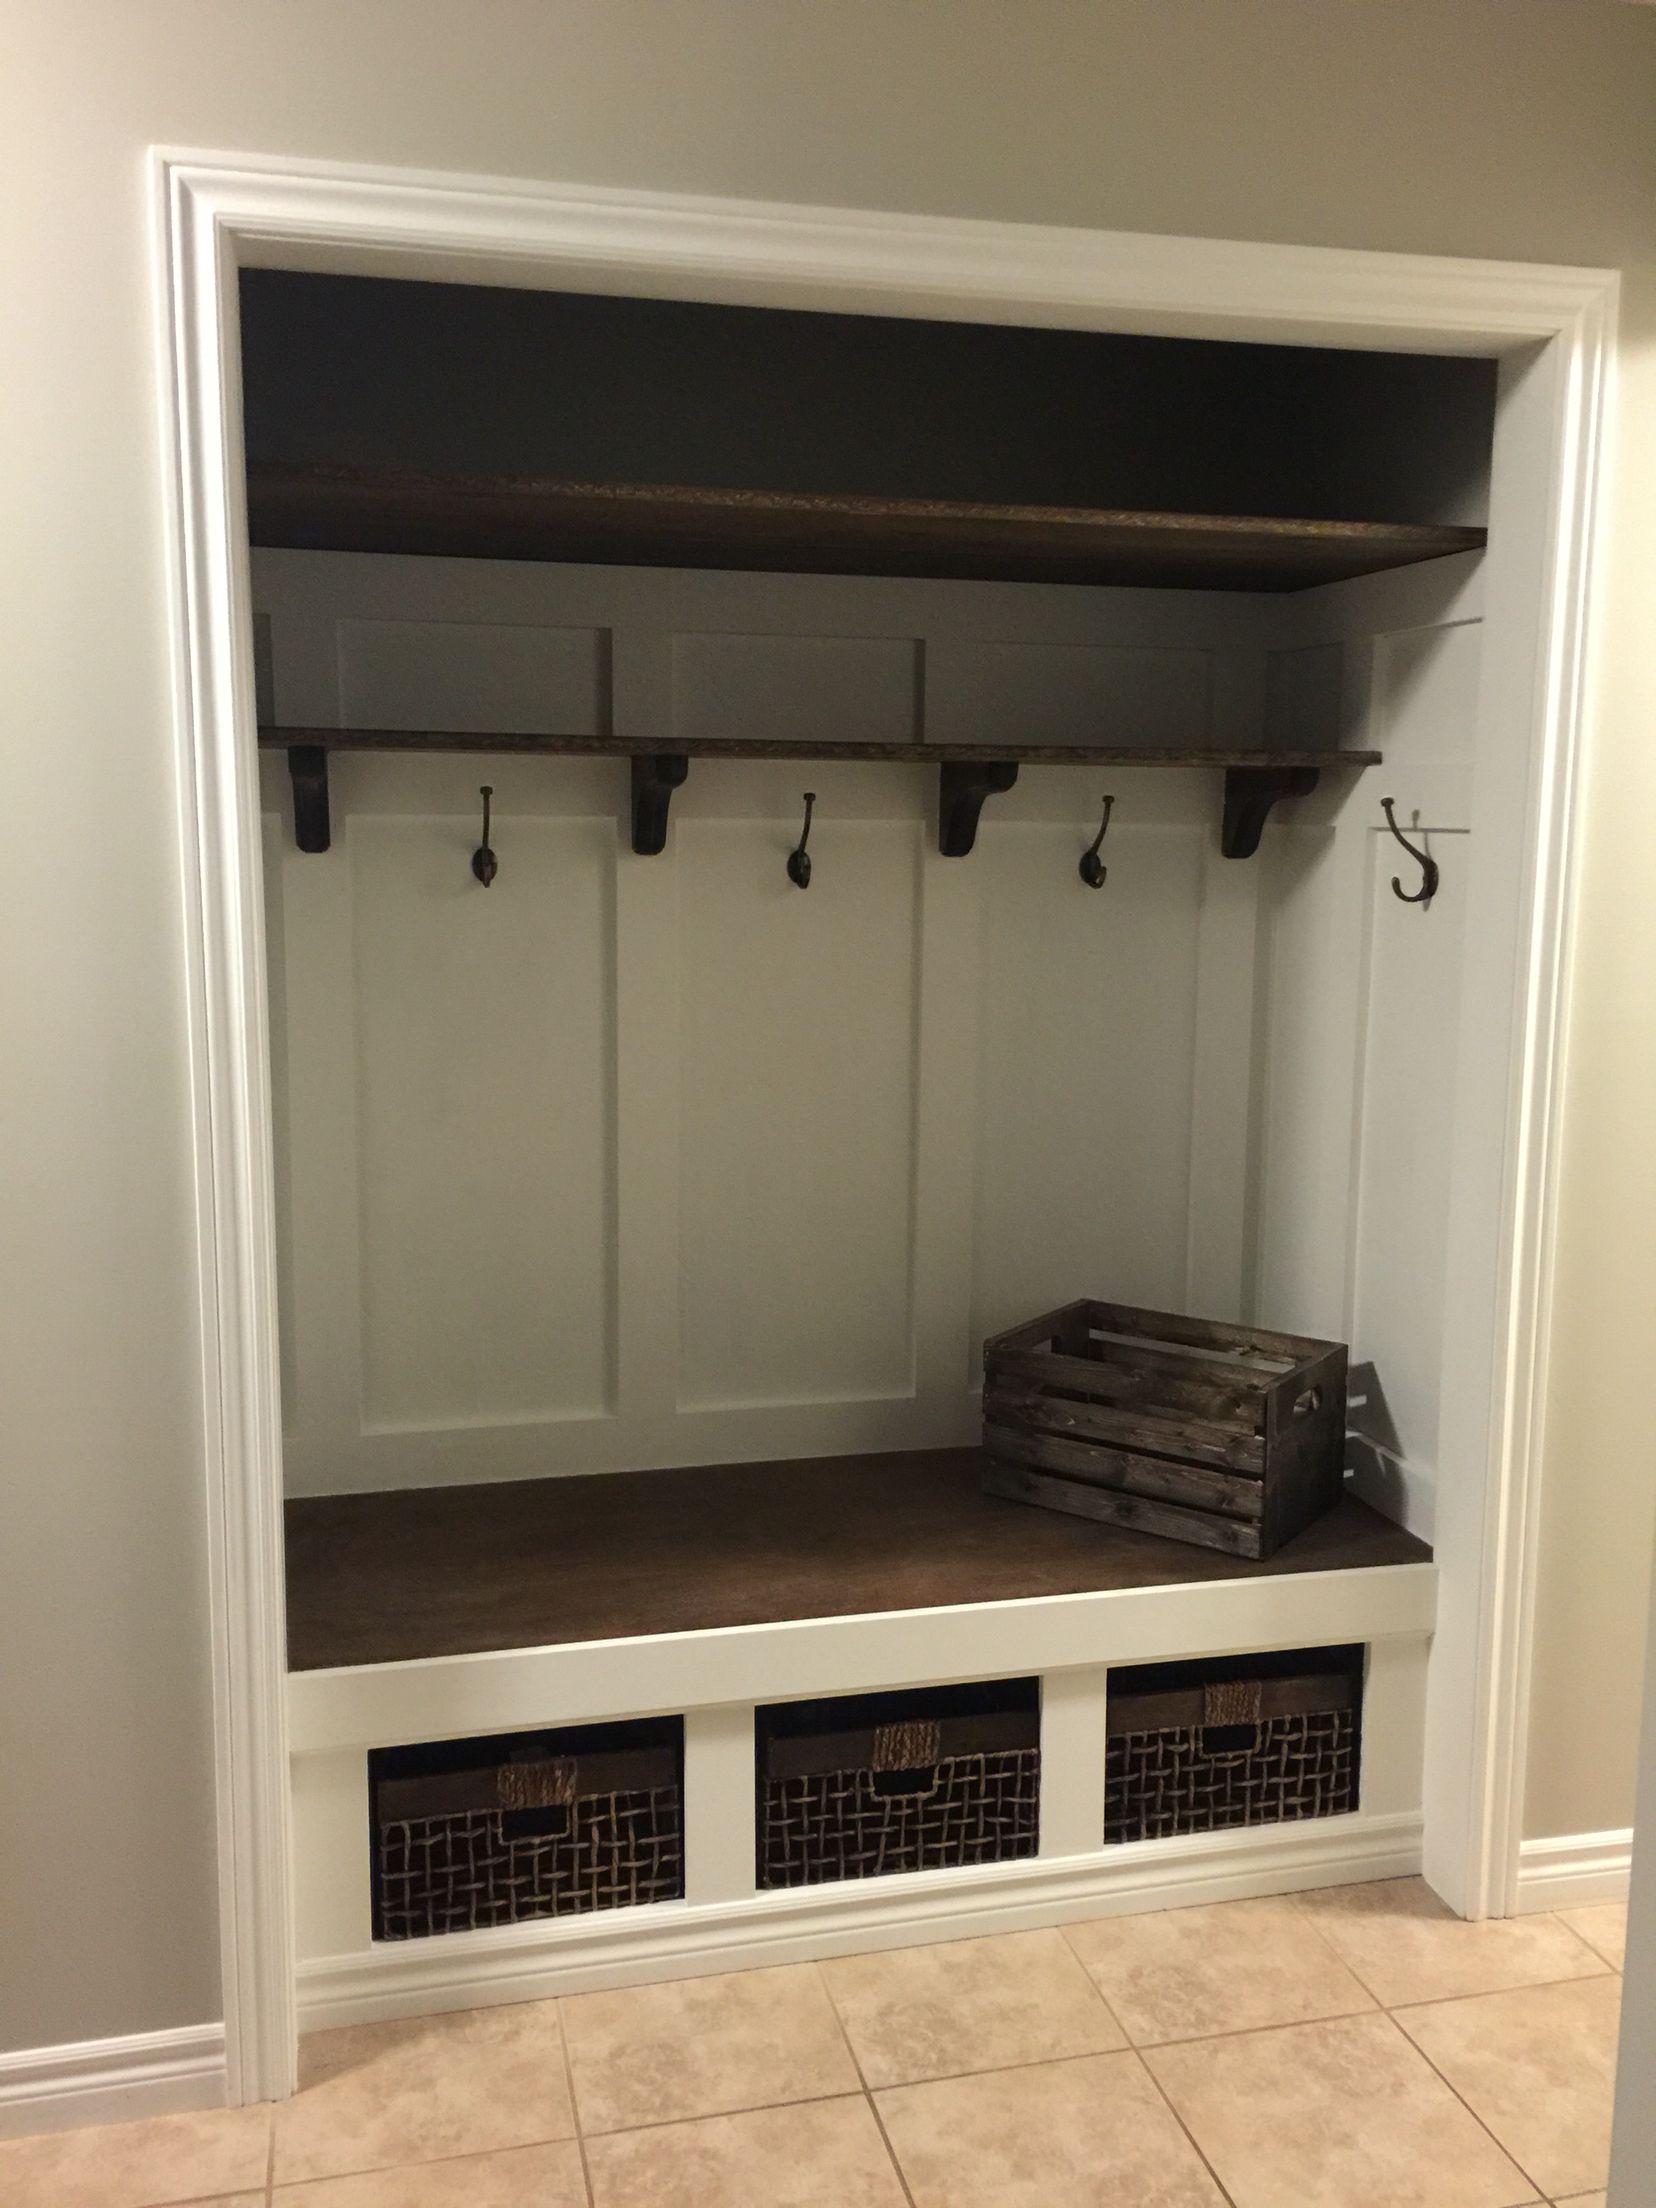 New Closet Bench Entry Closet Closet Makeover Bedroom Entryway Closet